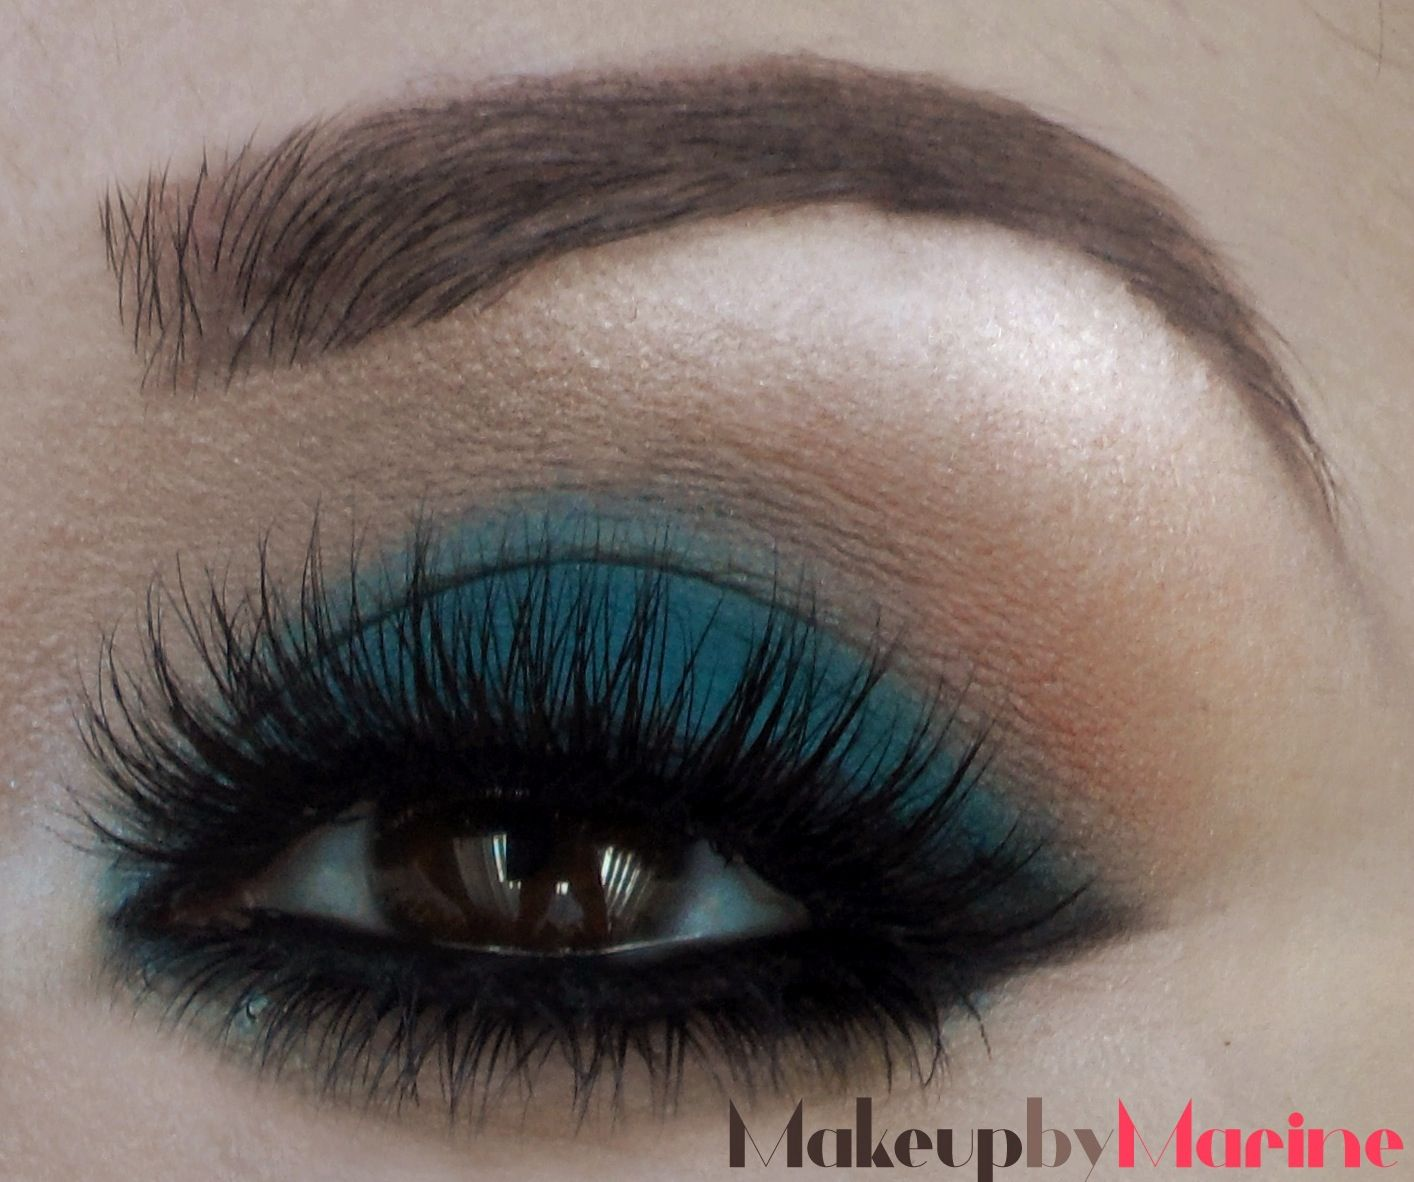 ShareMac Plumage Eyeshadow